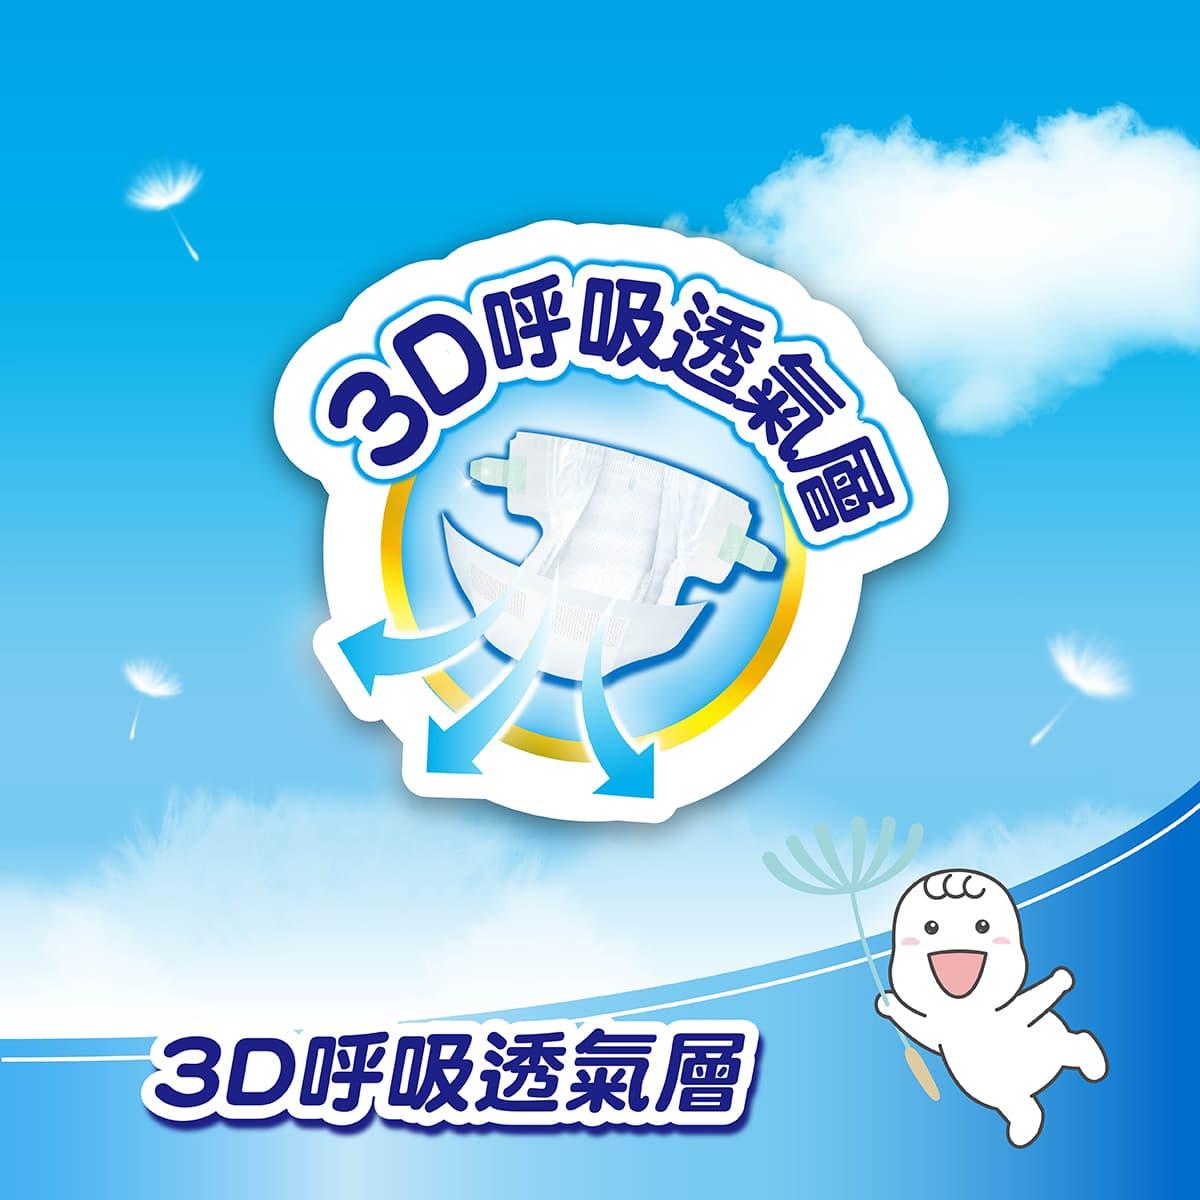 日本滿意寶寶瞬潔乾爽尿布3D呼吸透氣層,內外通氣防悶熱。